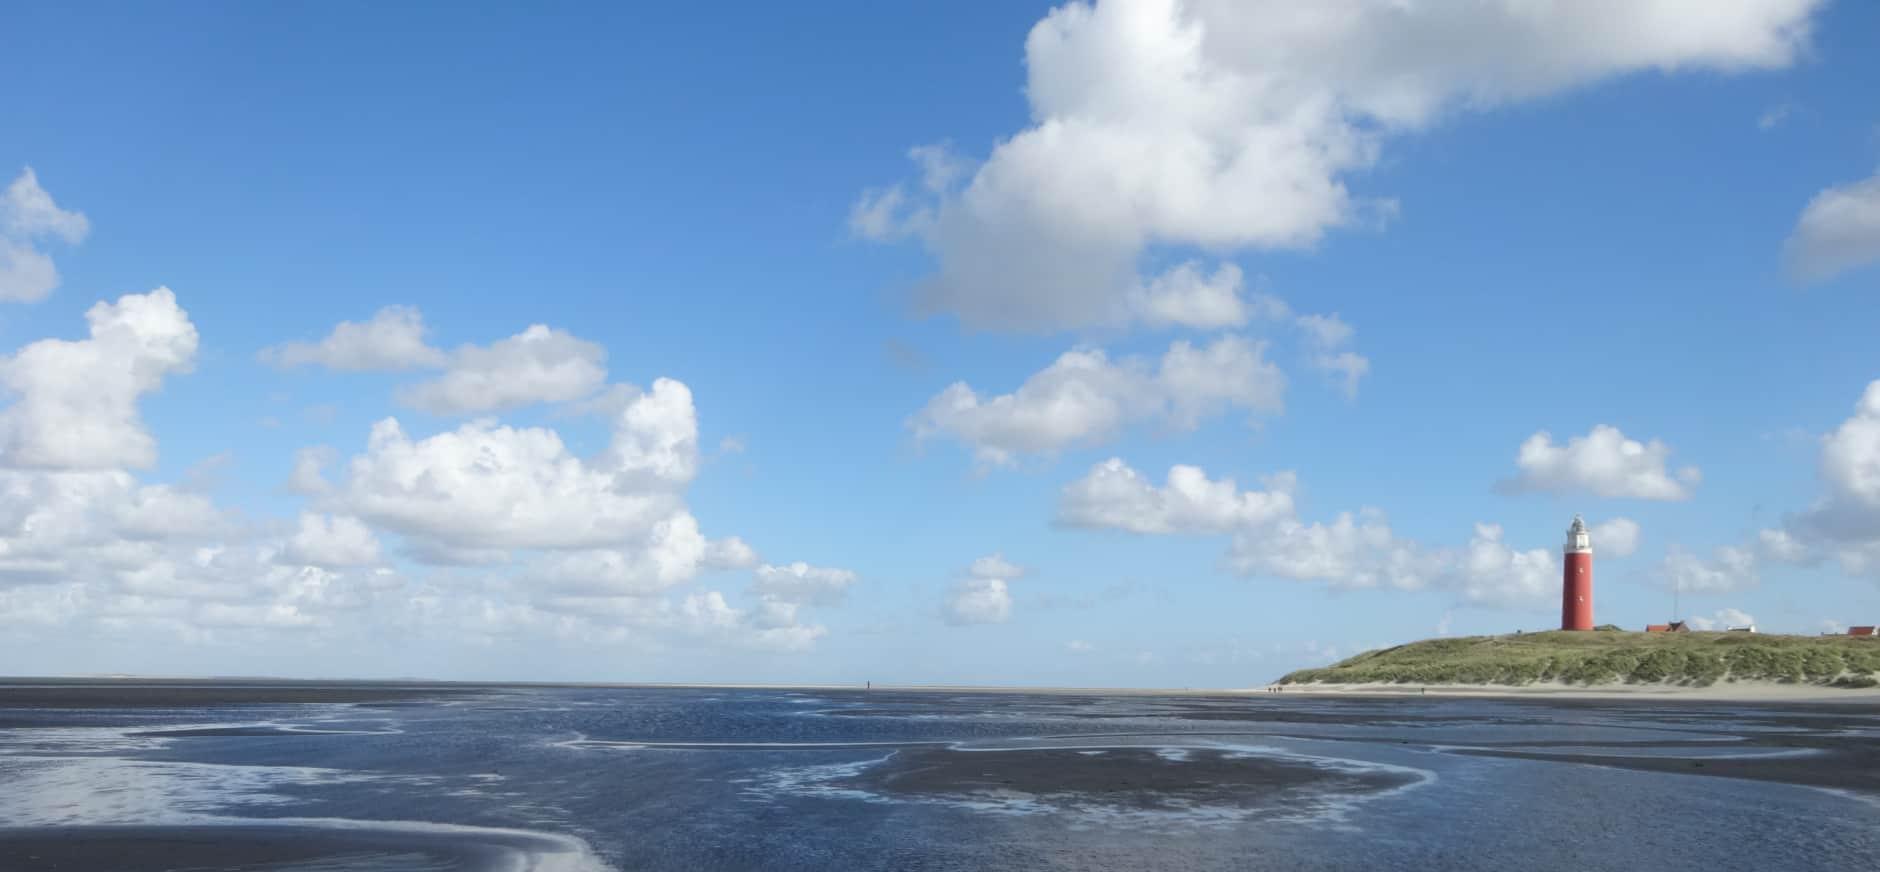 Betere bescherming van Nederlandse kust